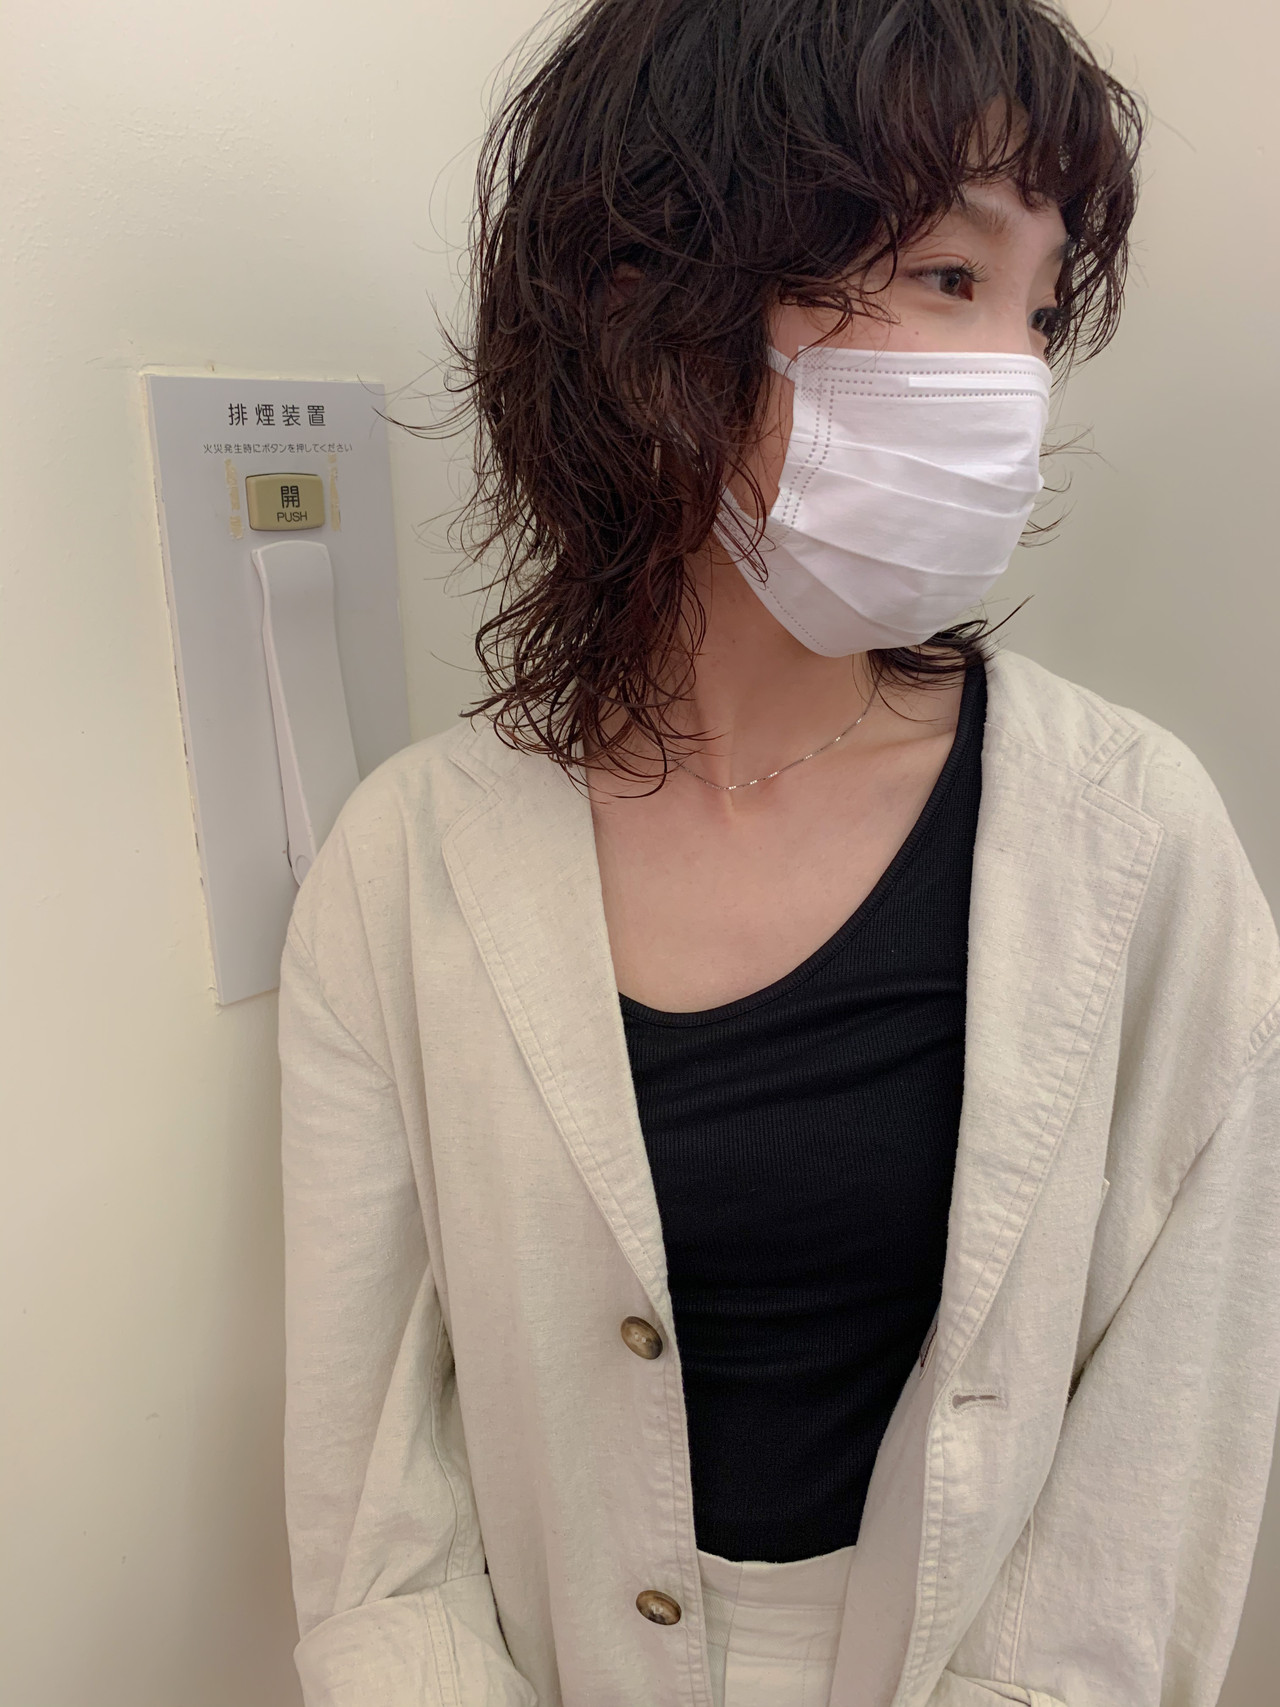 ナチュラル ゆるふわ ミディアム ウルフカット ヘアスタイルや髪型の写真・画像 | yumiko/sapporoSKNOW / SKNOW